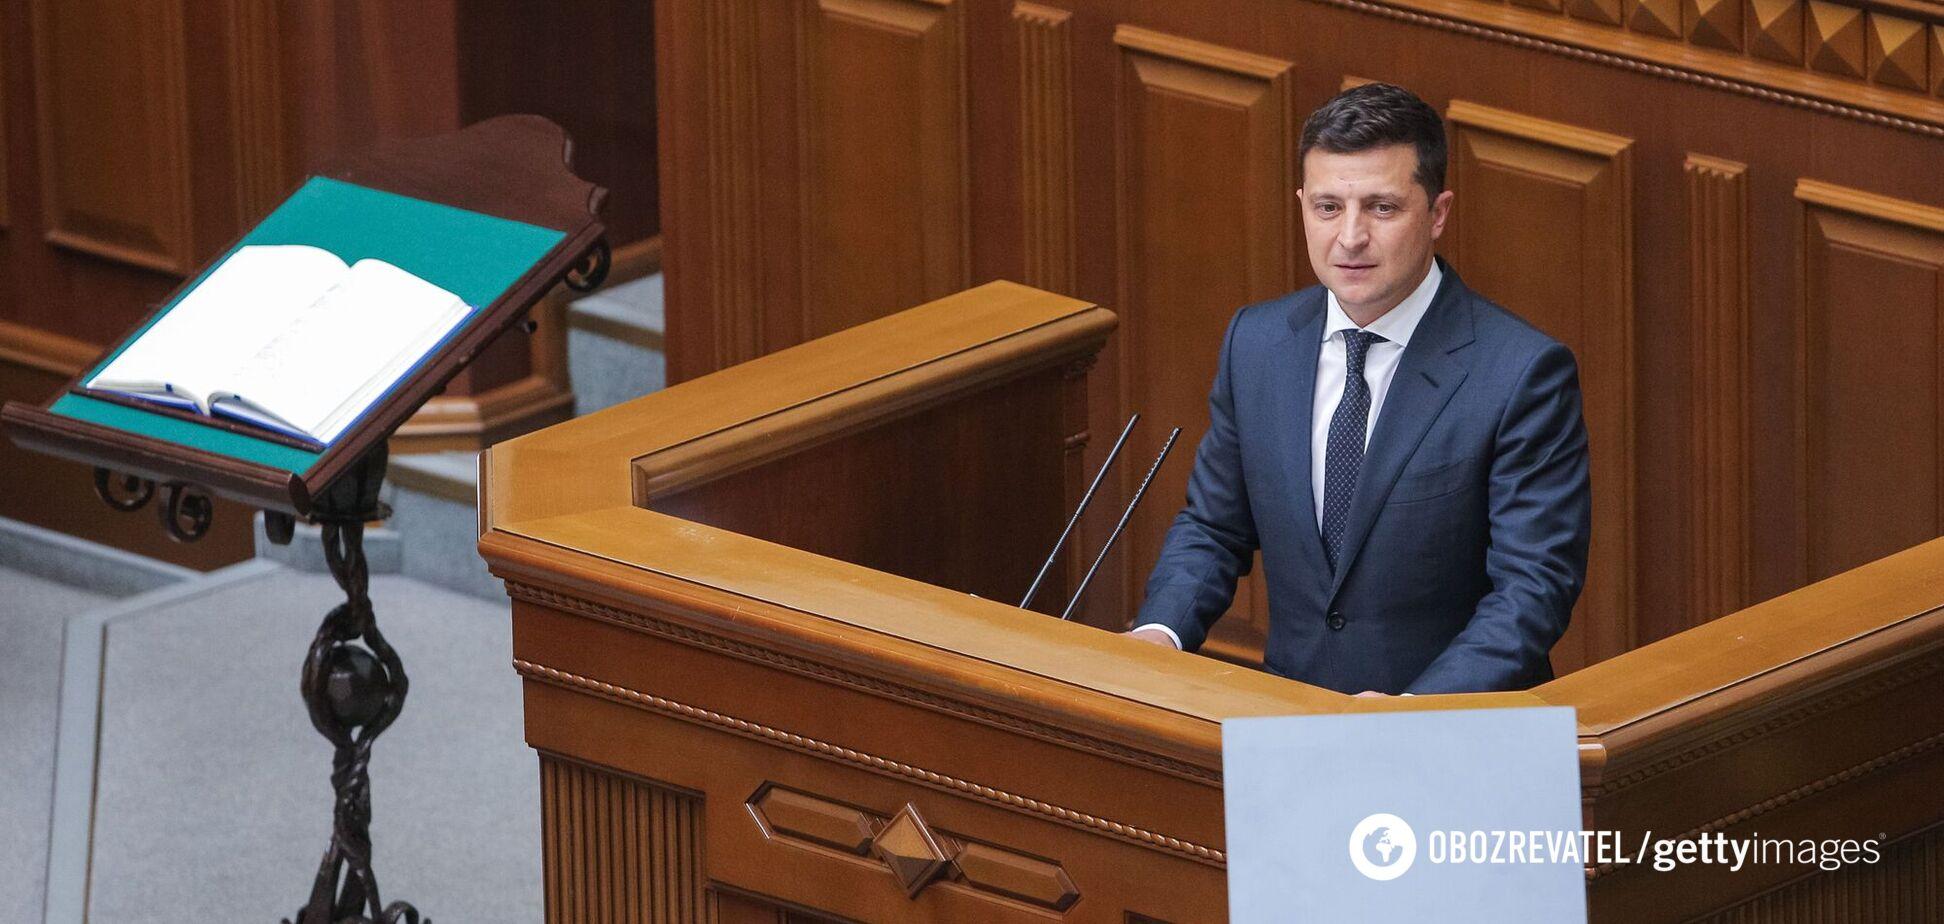 Зеленский поздравил нардепов с юбилеем Конституции и пошутил о Евро-2020: главное из выступления